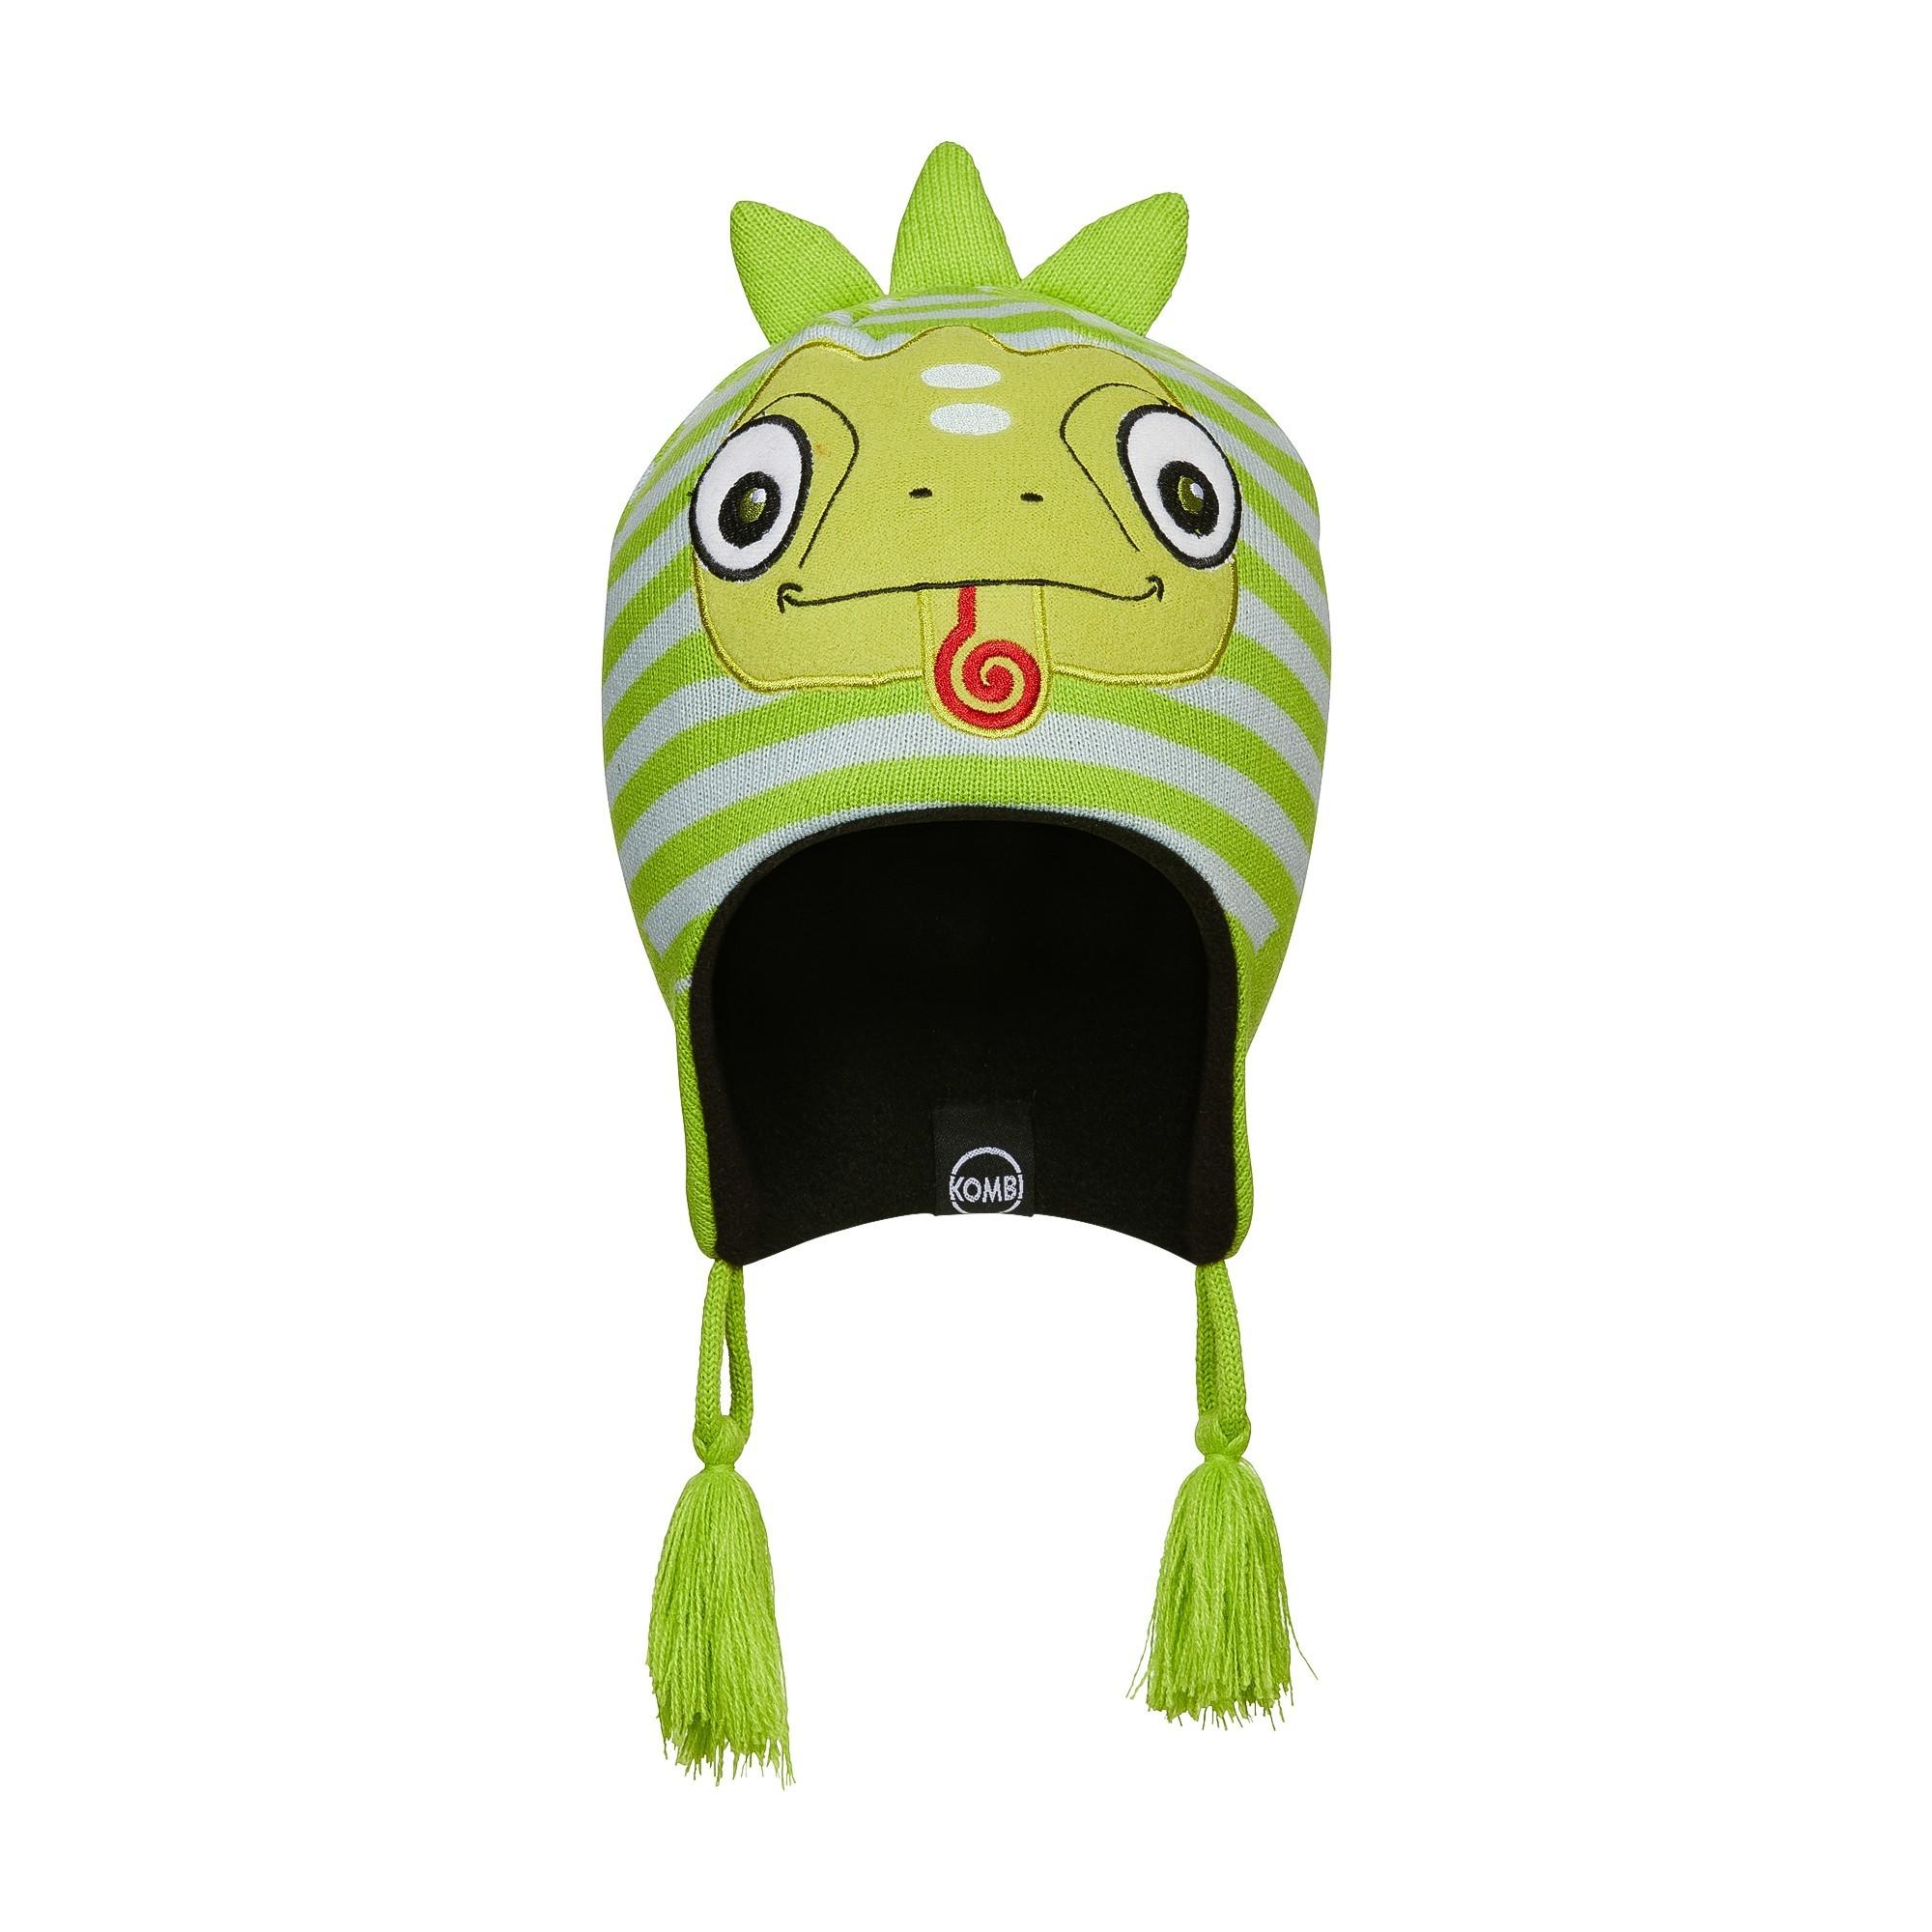 Czapka dzieciêca Kombi Imaginary Friend Carl The Chameleon Zielona